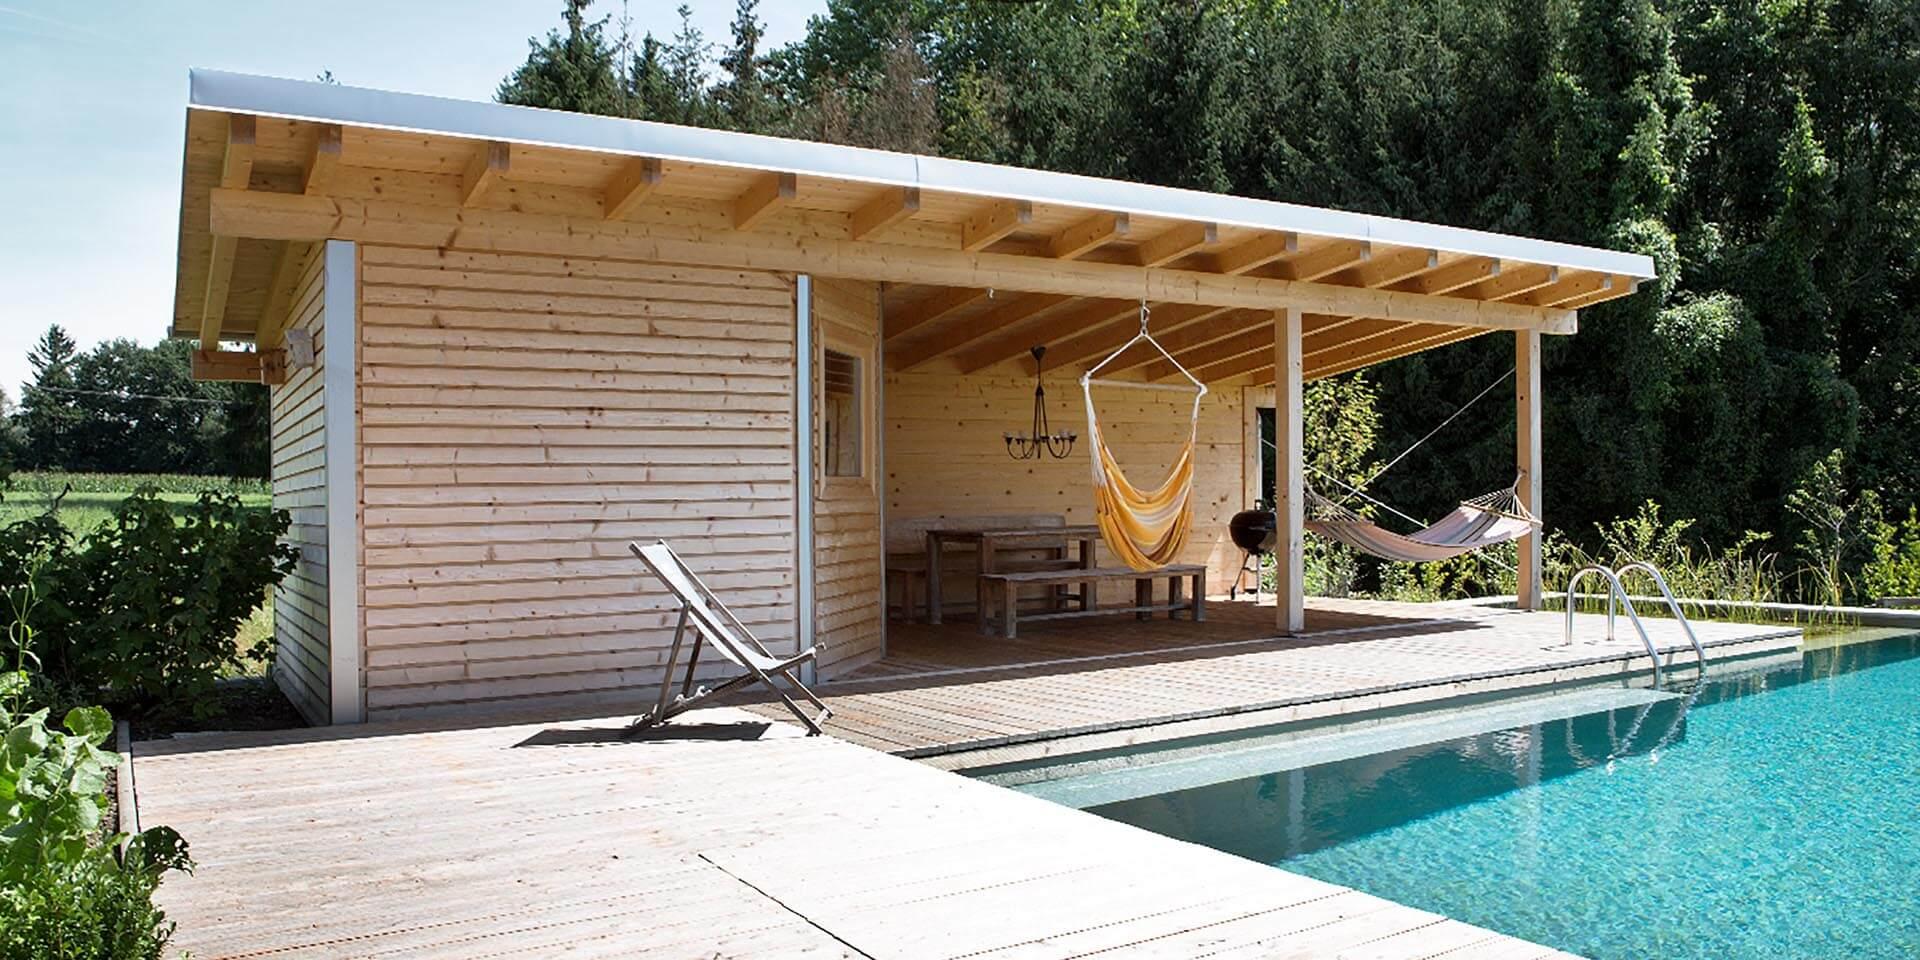 Gartenhaus Konfigurator - Individuelles Gartenhaus selber planen